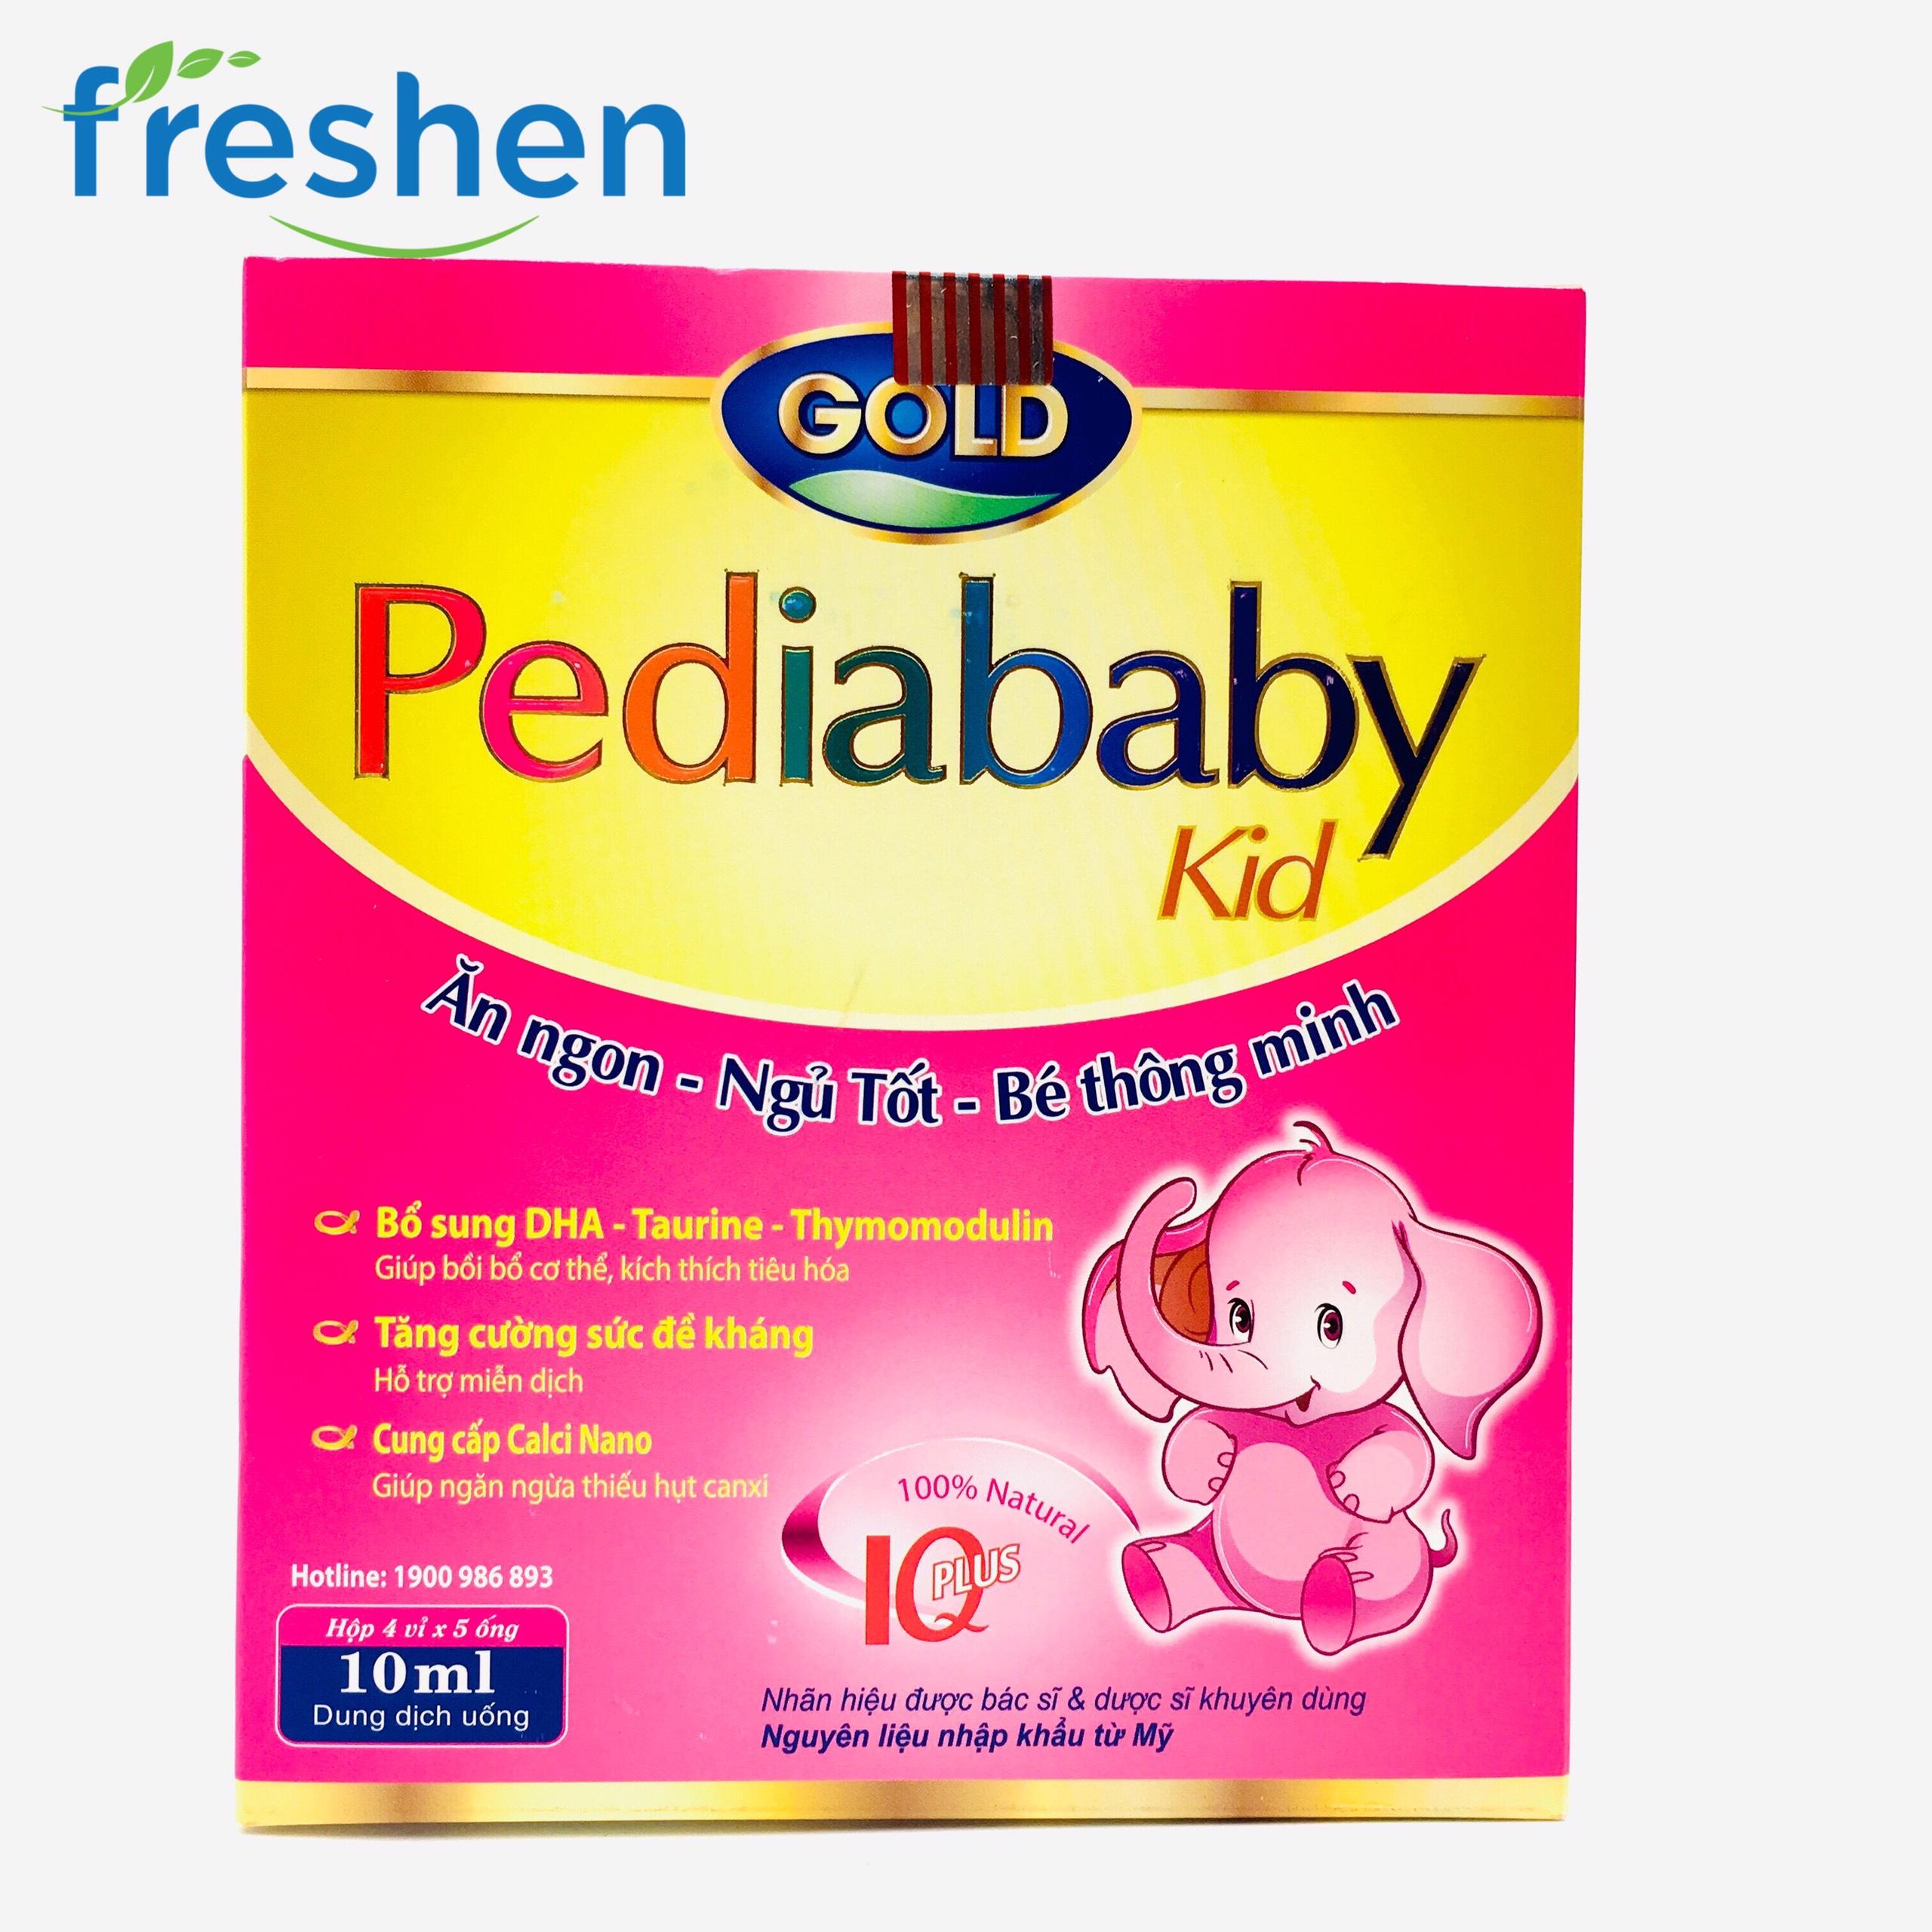 [HCM]Siro Pediababy ăn ngon ngủ tốt hộp 20 ống